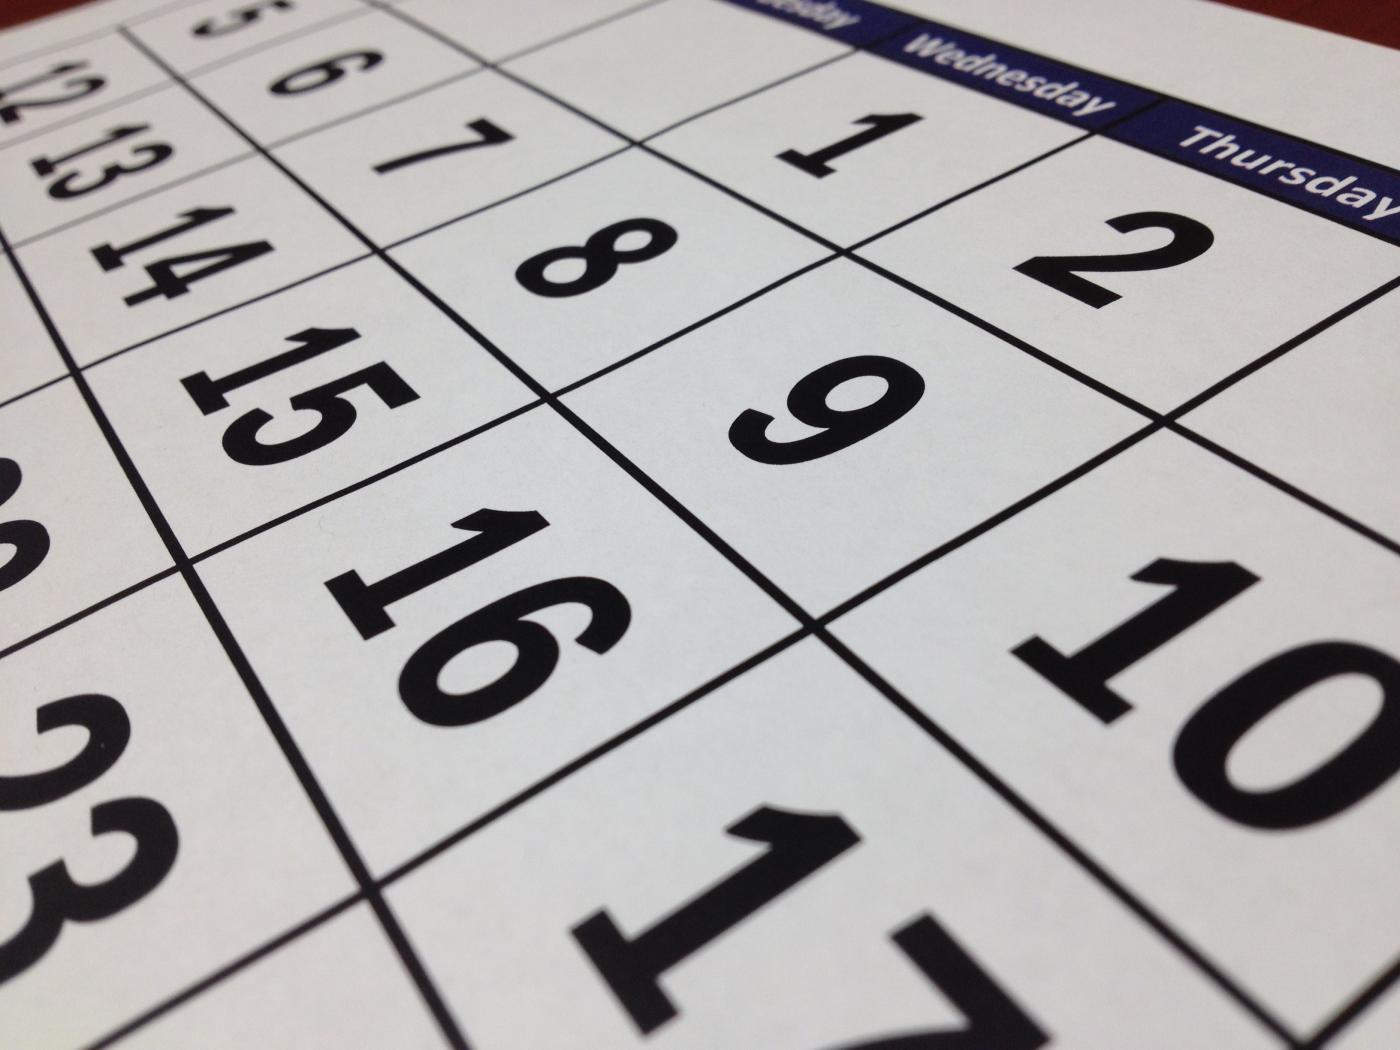 numerológia 7 randevú hely alapú társkereső alkalmazás 2015